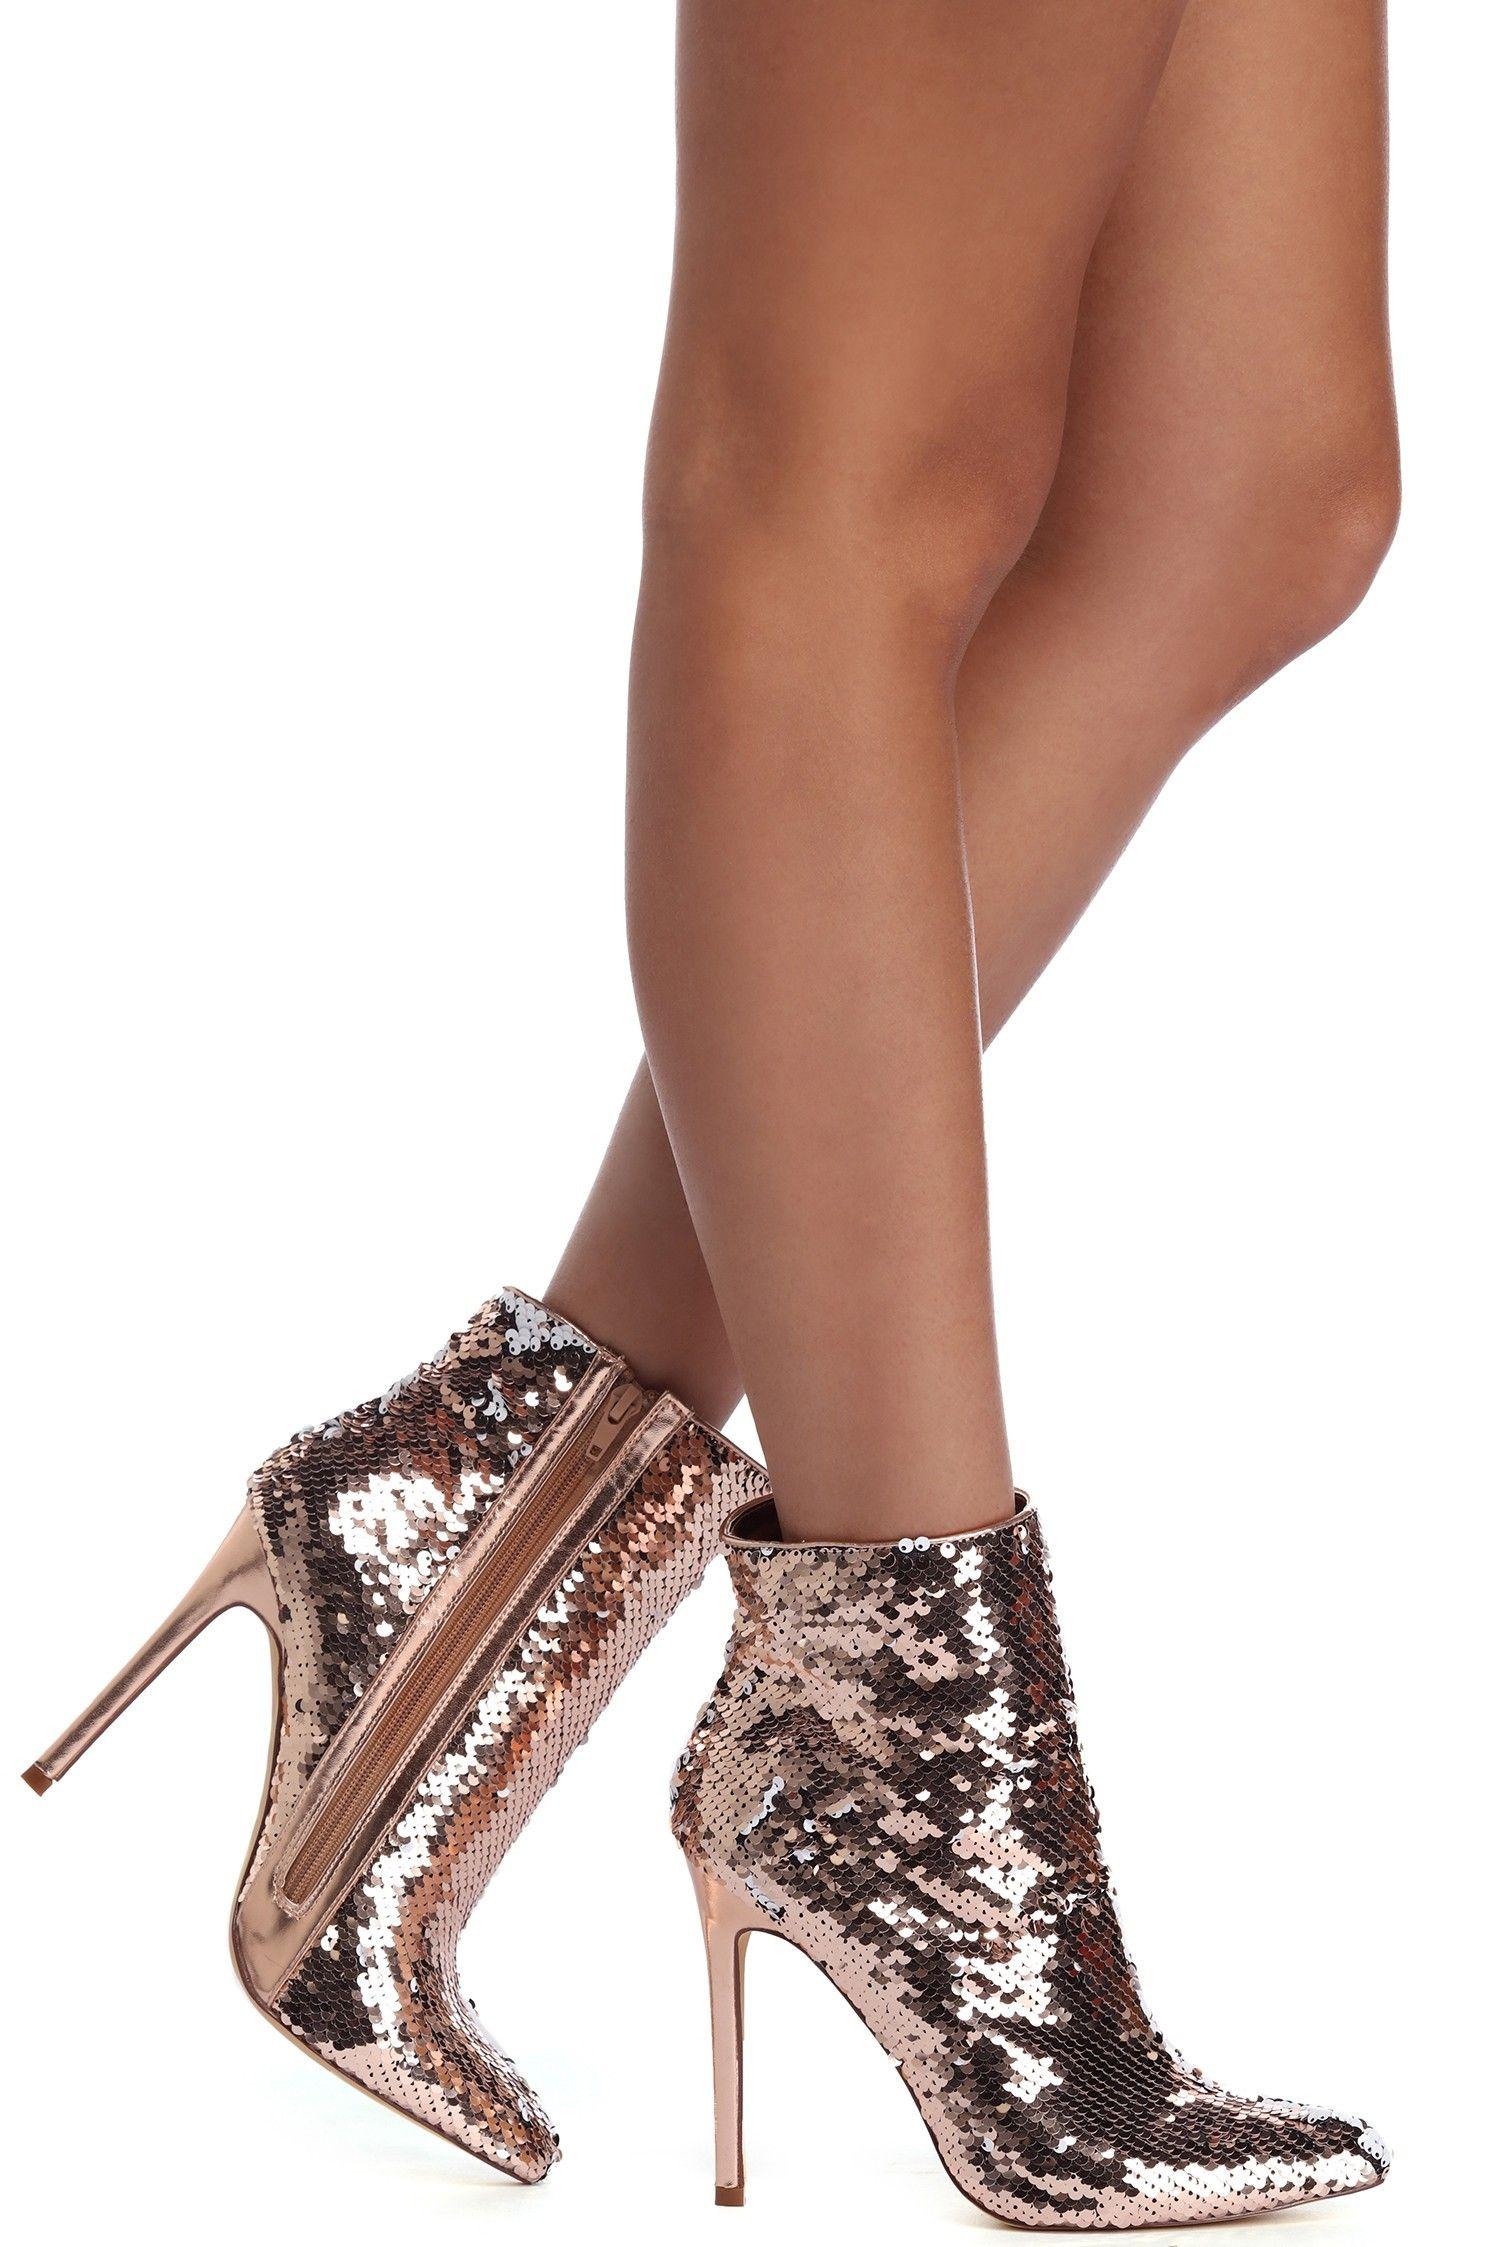 Pin de Geny Fernandes em sapatos & sandalias | Sapatos